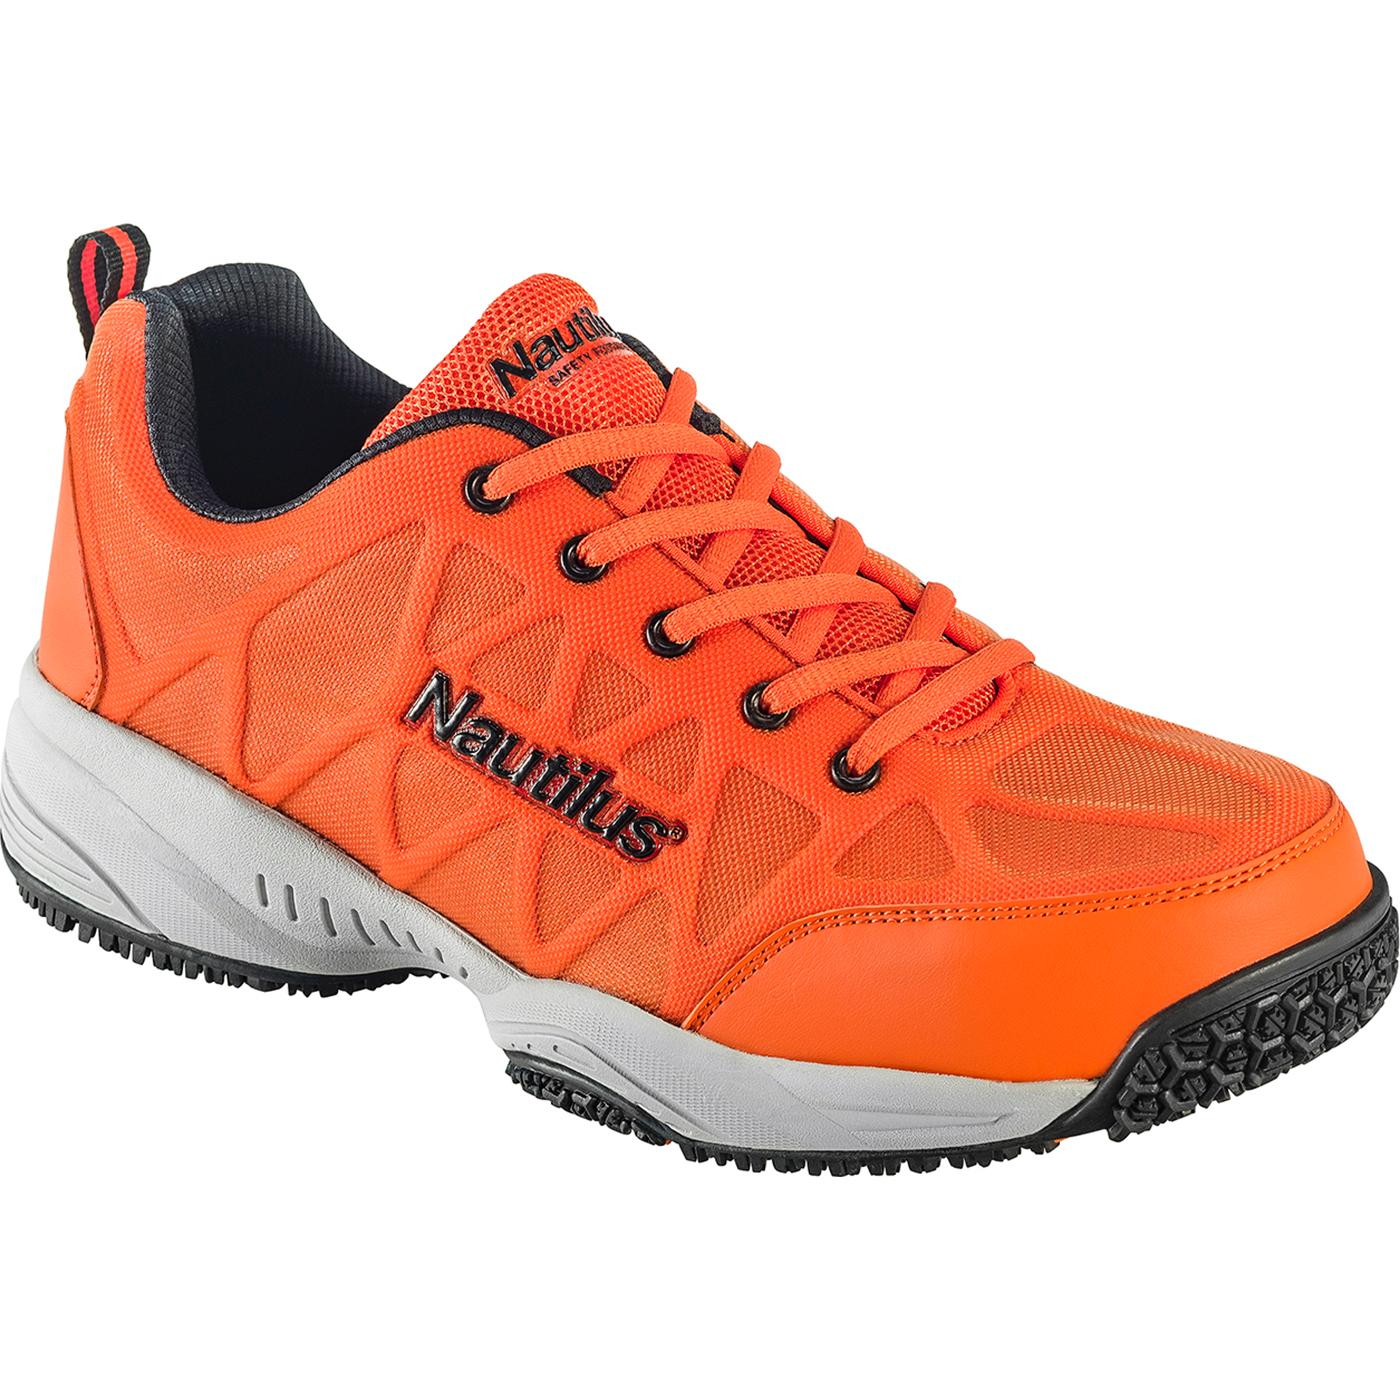 Nautilus Composite Toe Hi Vis Slip Resistant Work Athletic Shoe